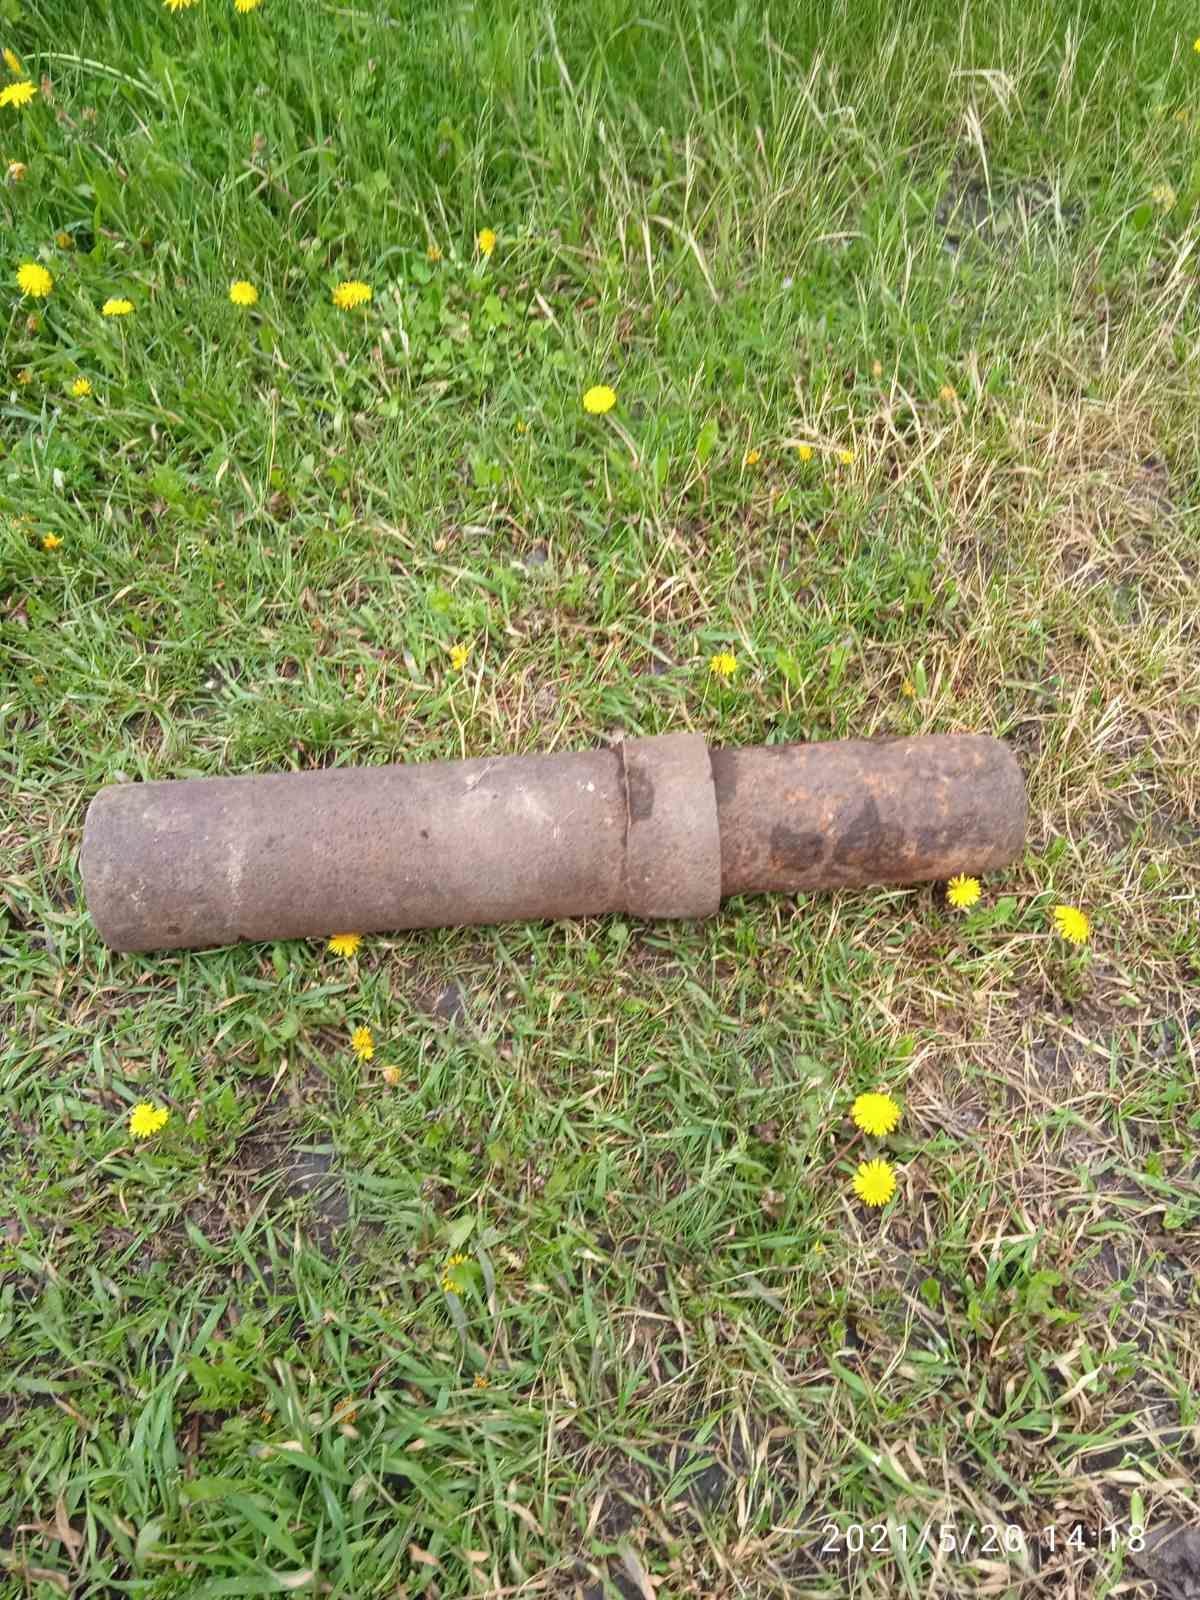 В городе Строитель Яковлевского городского округа Белгородского района обнаружен взрывоопасный предмет